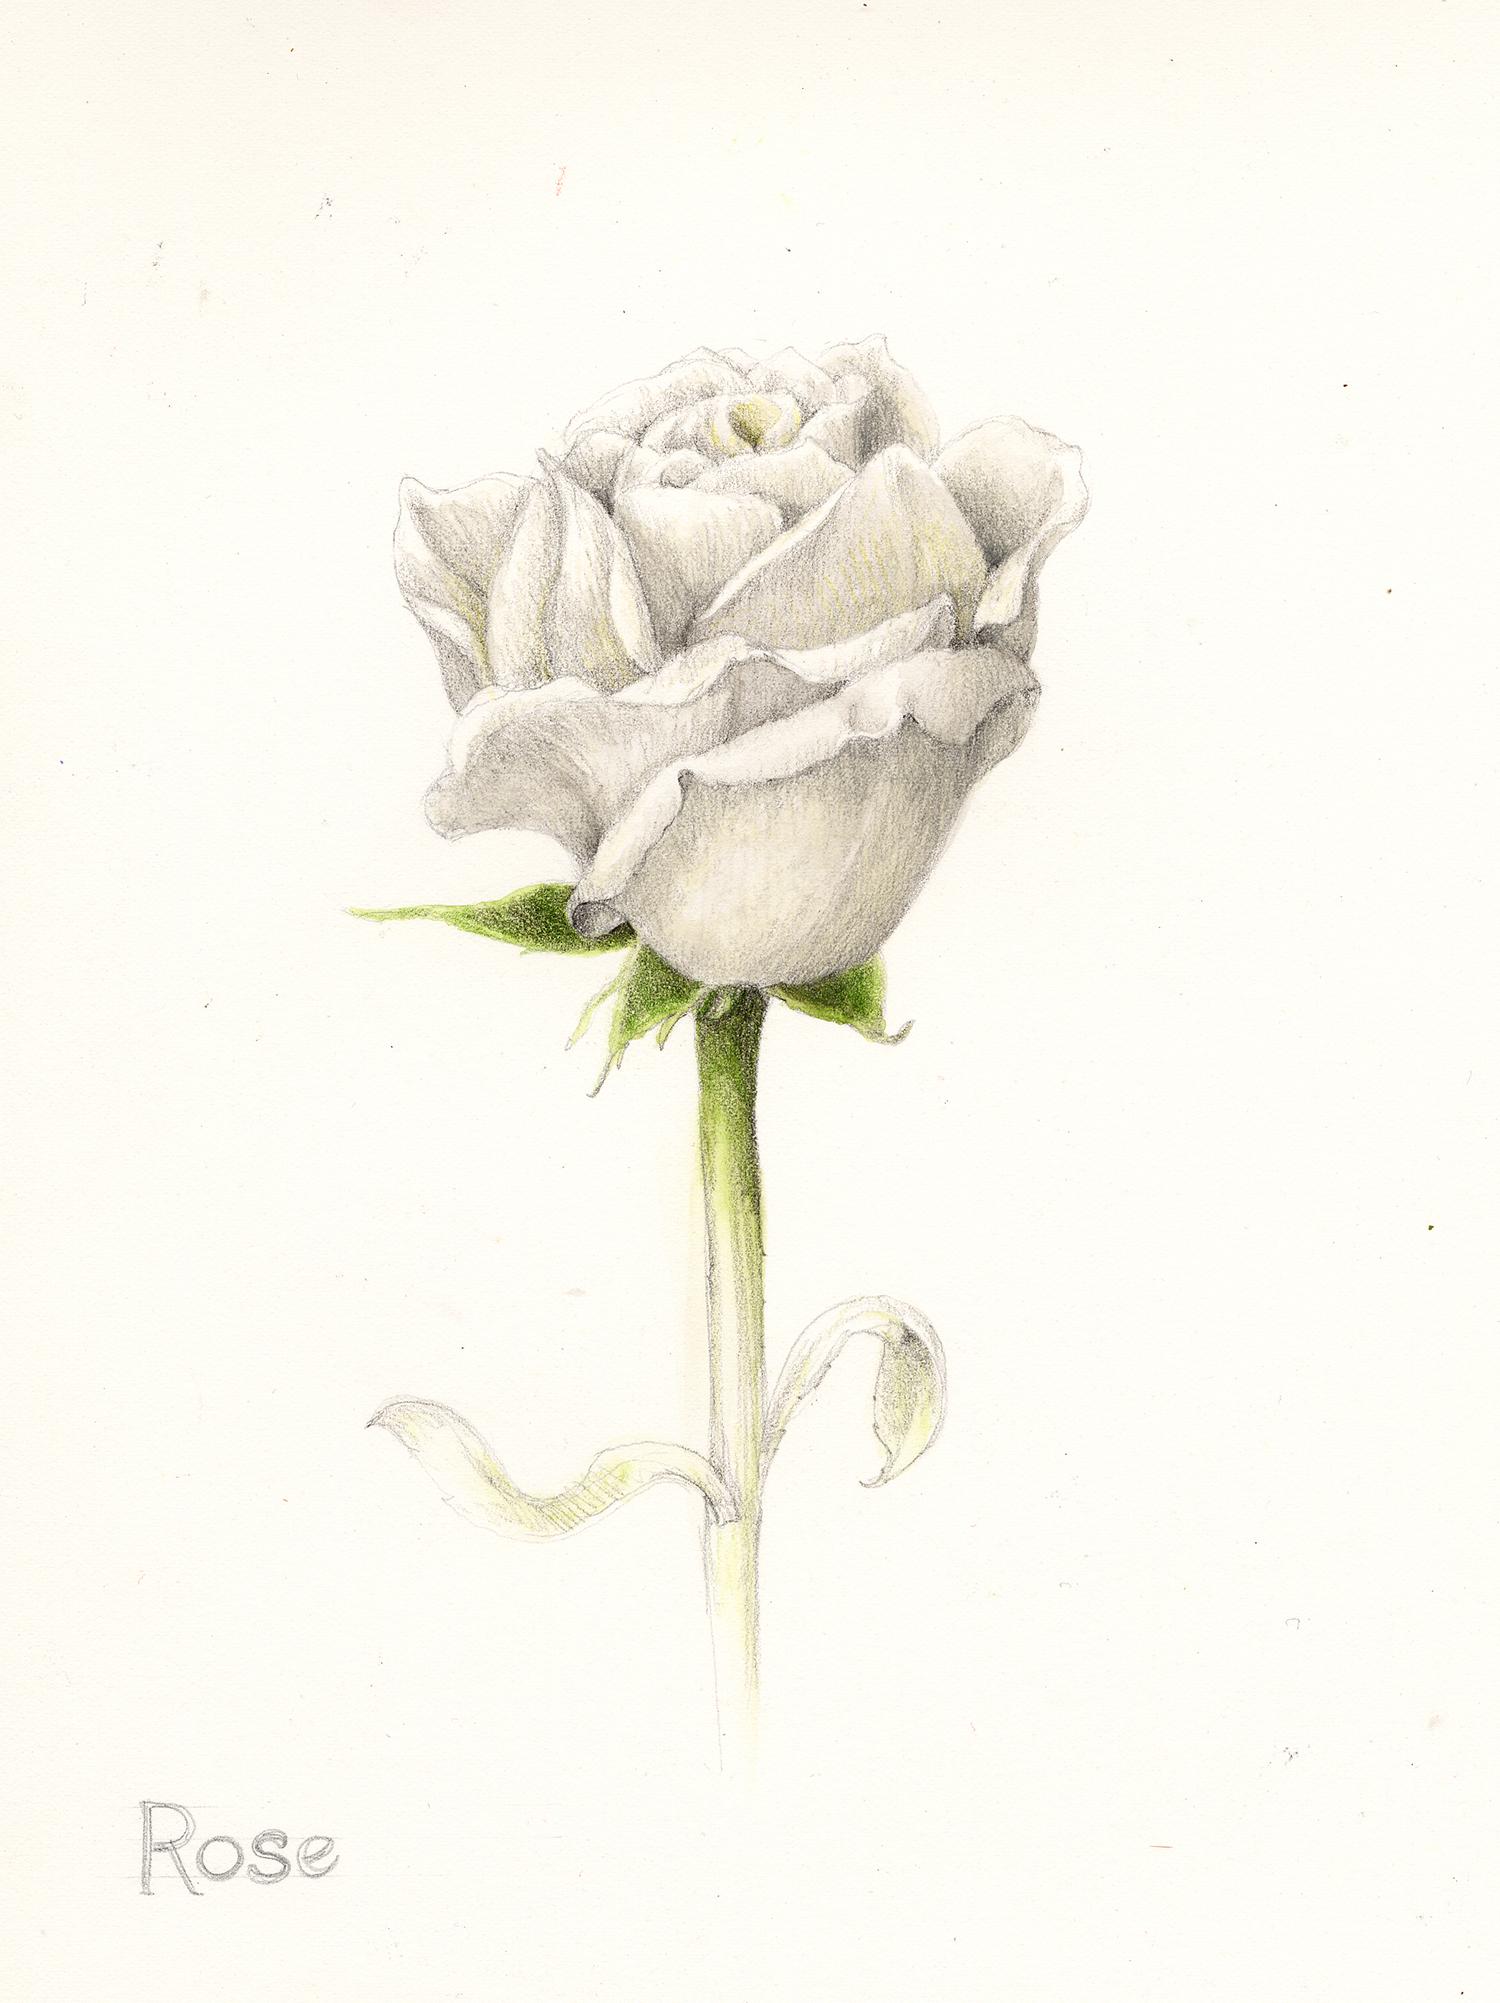 White Rose - Rosa carolina